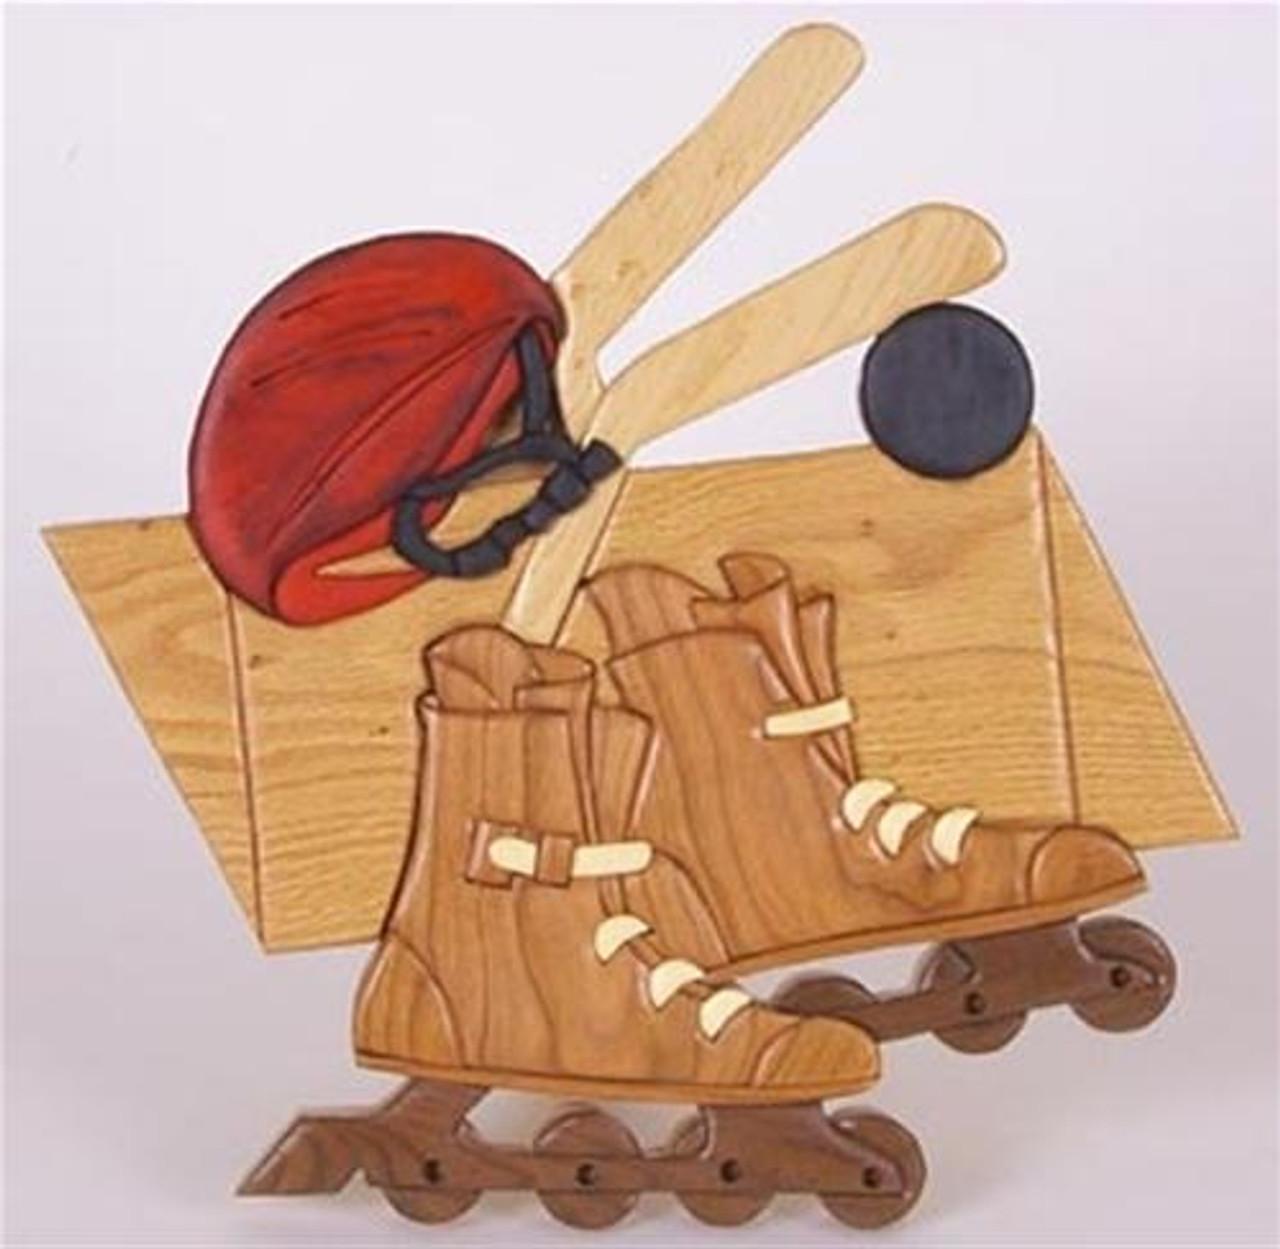 Cherry Tree Toys Hockey Intarsia Plan